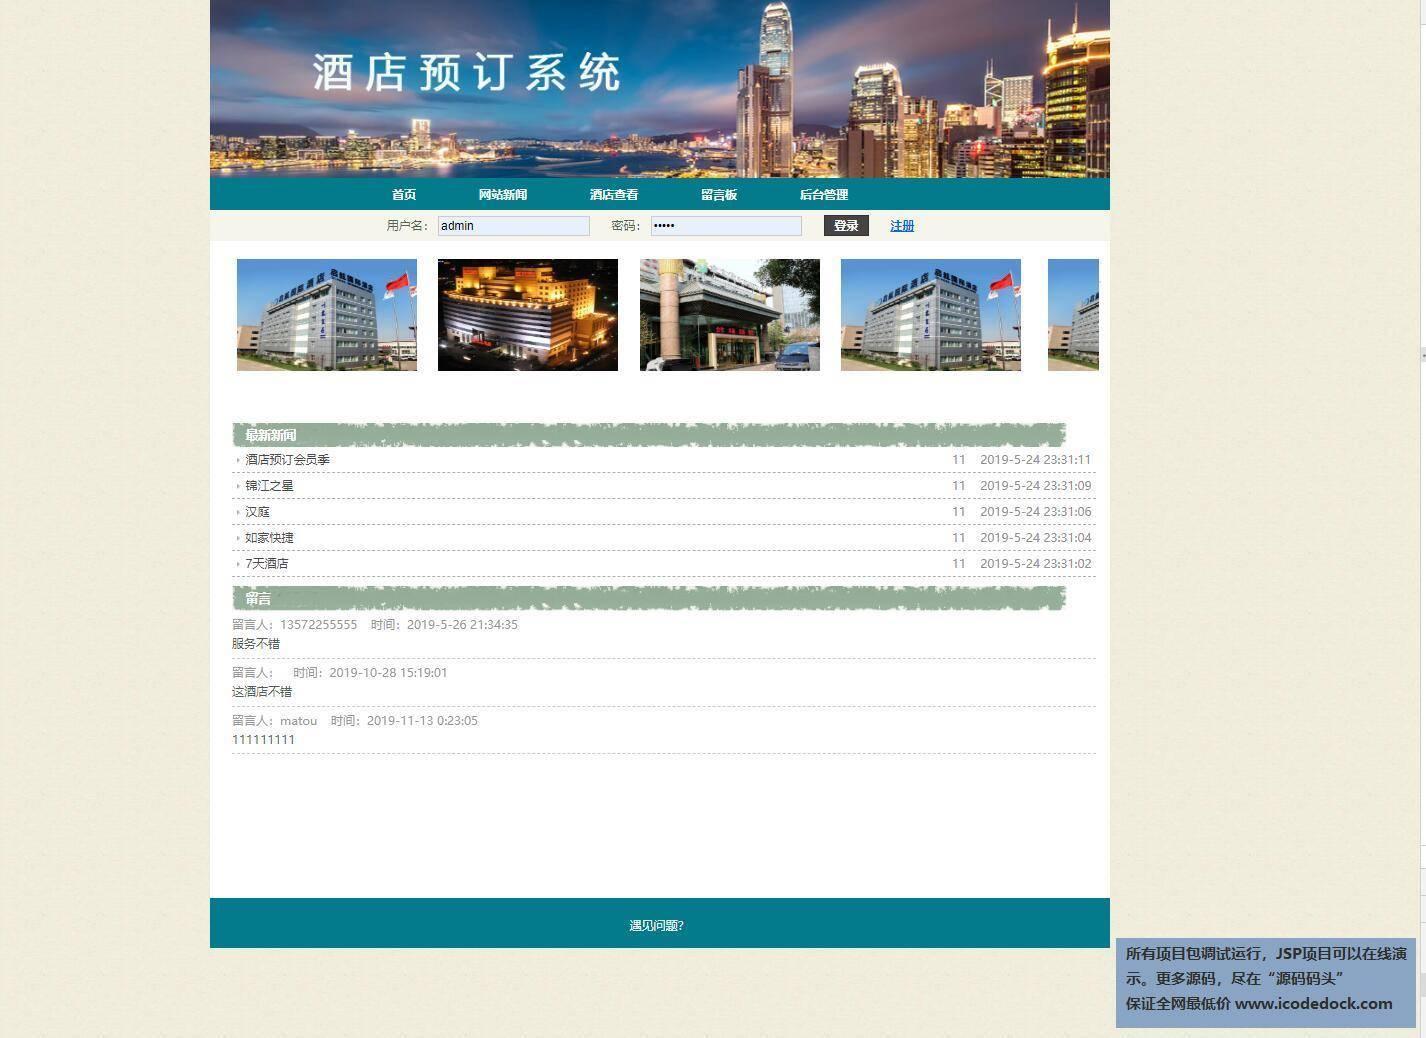 源码码头-JSP酒店预定管理系统-用户角色-用户首页